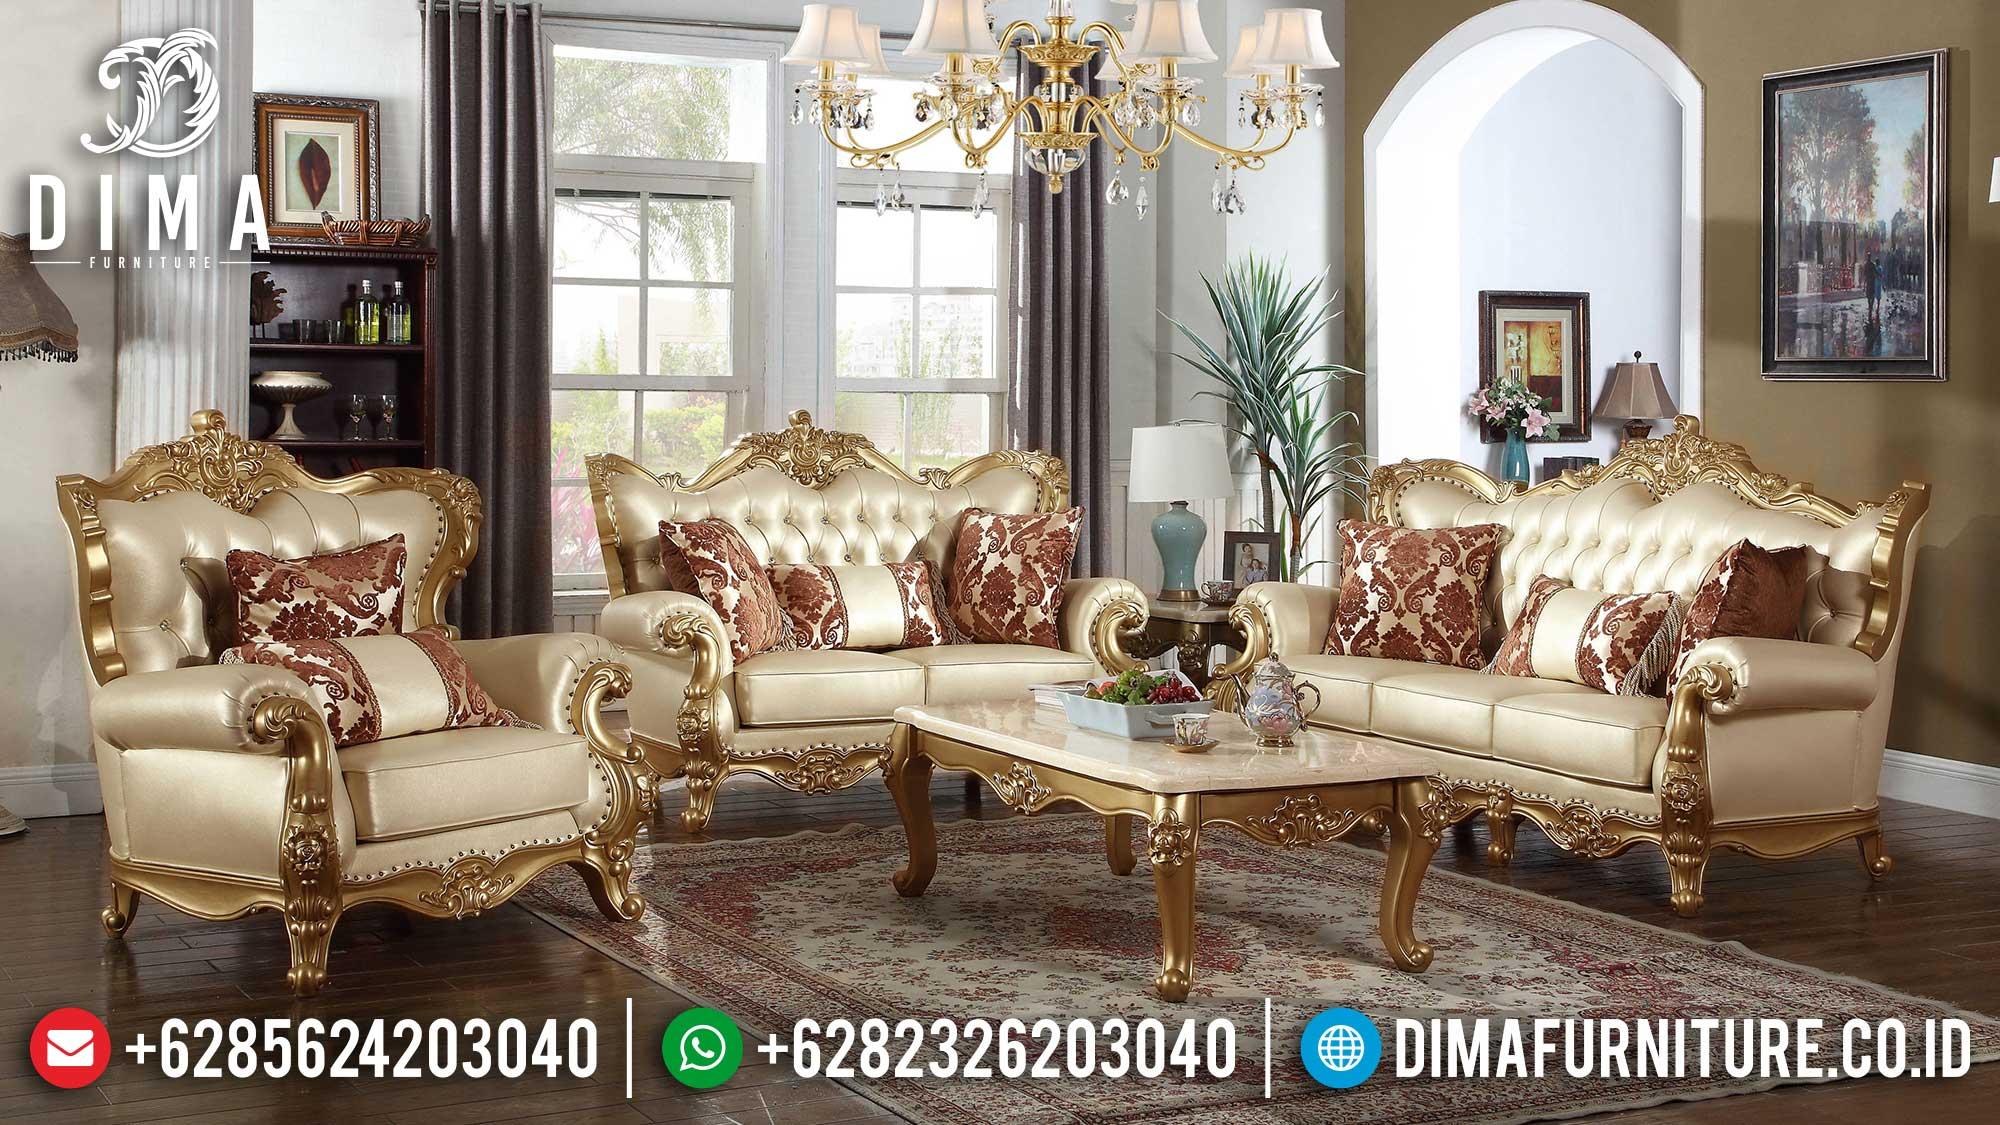 Desain Sofa Tamu Mewah Jepara Luxury Carving Elegant Furniture Jepara TTJ-1486